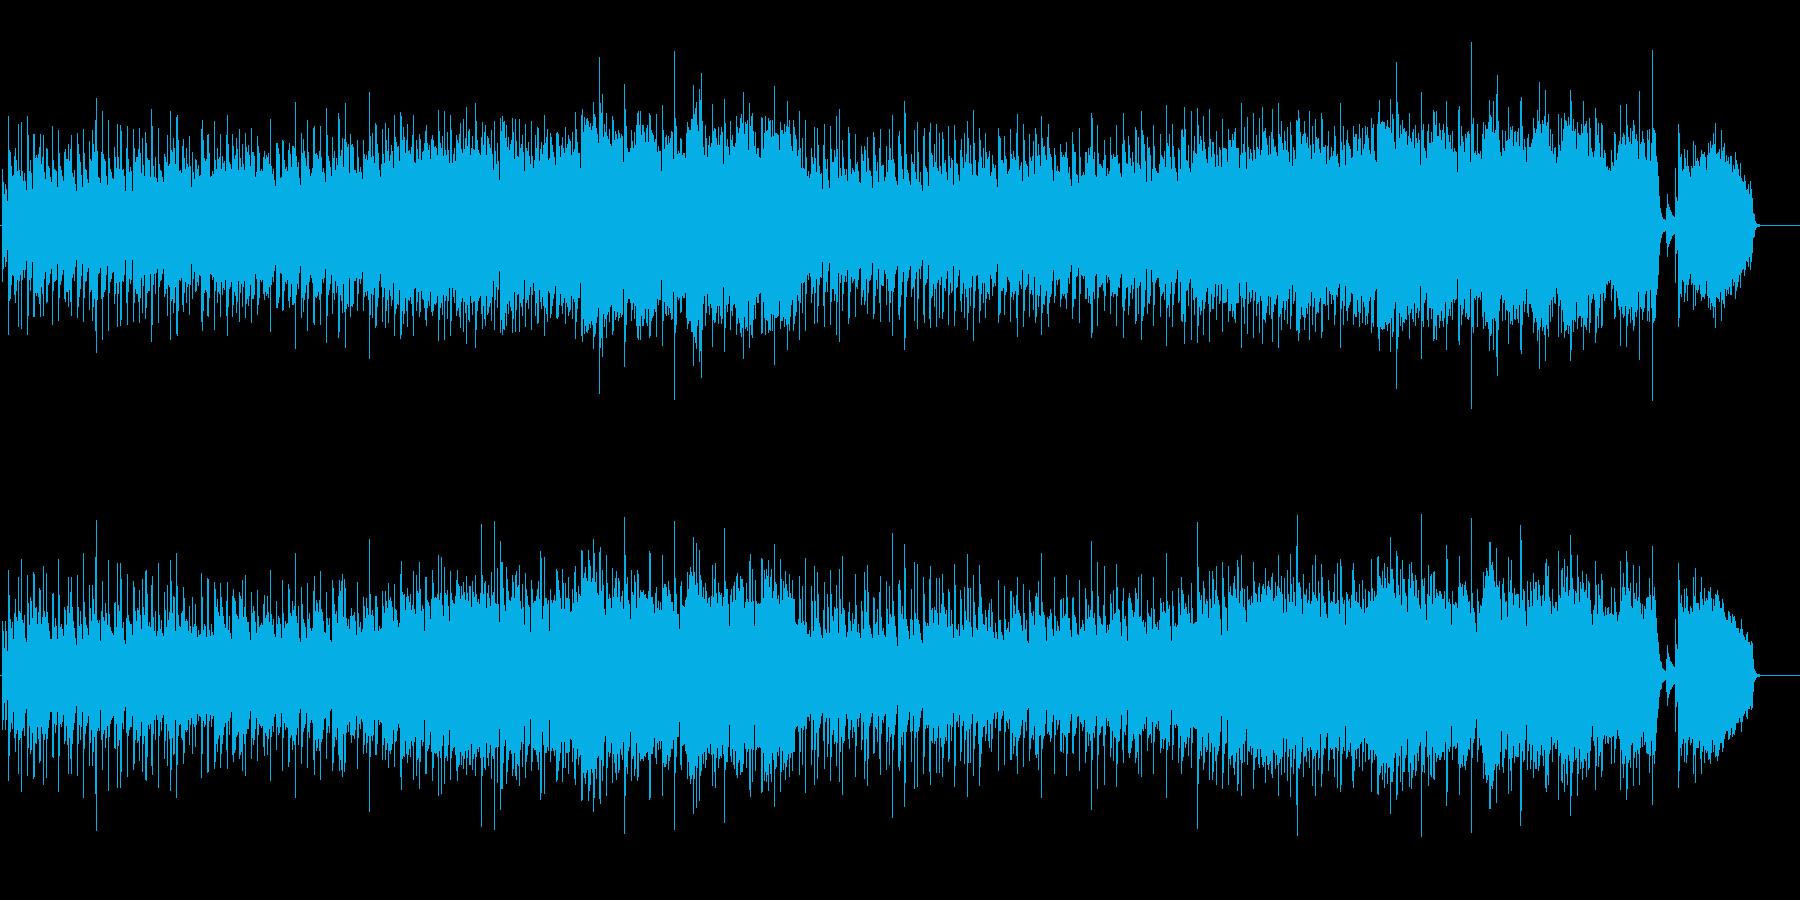 琴と和鈴が印象的な和風ポップバラードの再生済みの波形